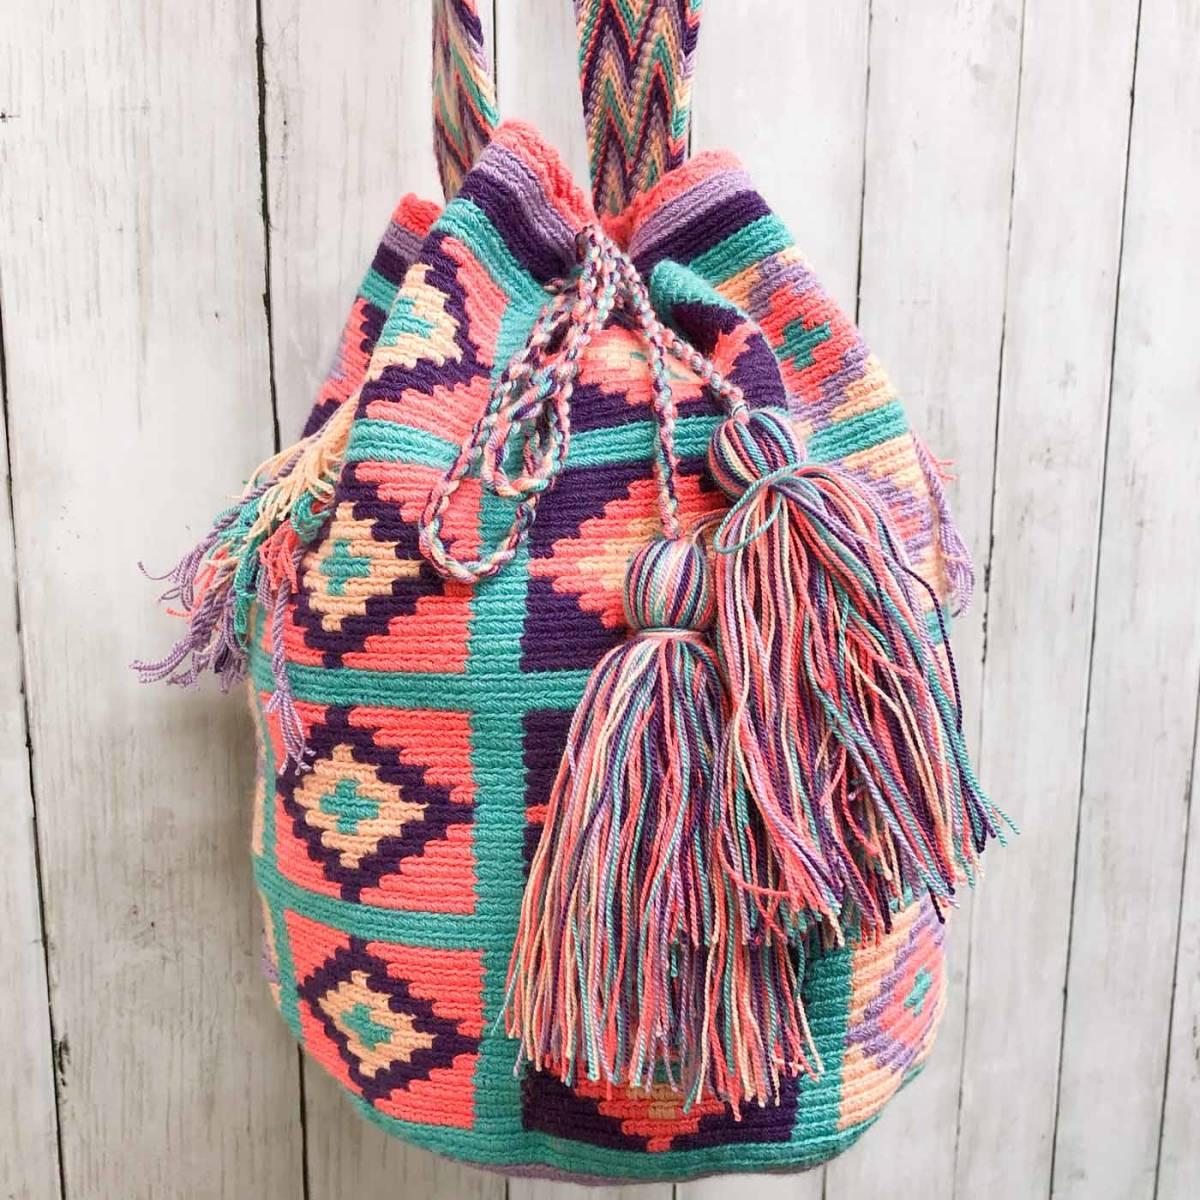 ワユーバッグ wayuu bag マザーズバッグ ショルダーバッグ レディース かごバッグ きれいめ ハンドメイド 手織り 南米 コロンビア 3_画像2